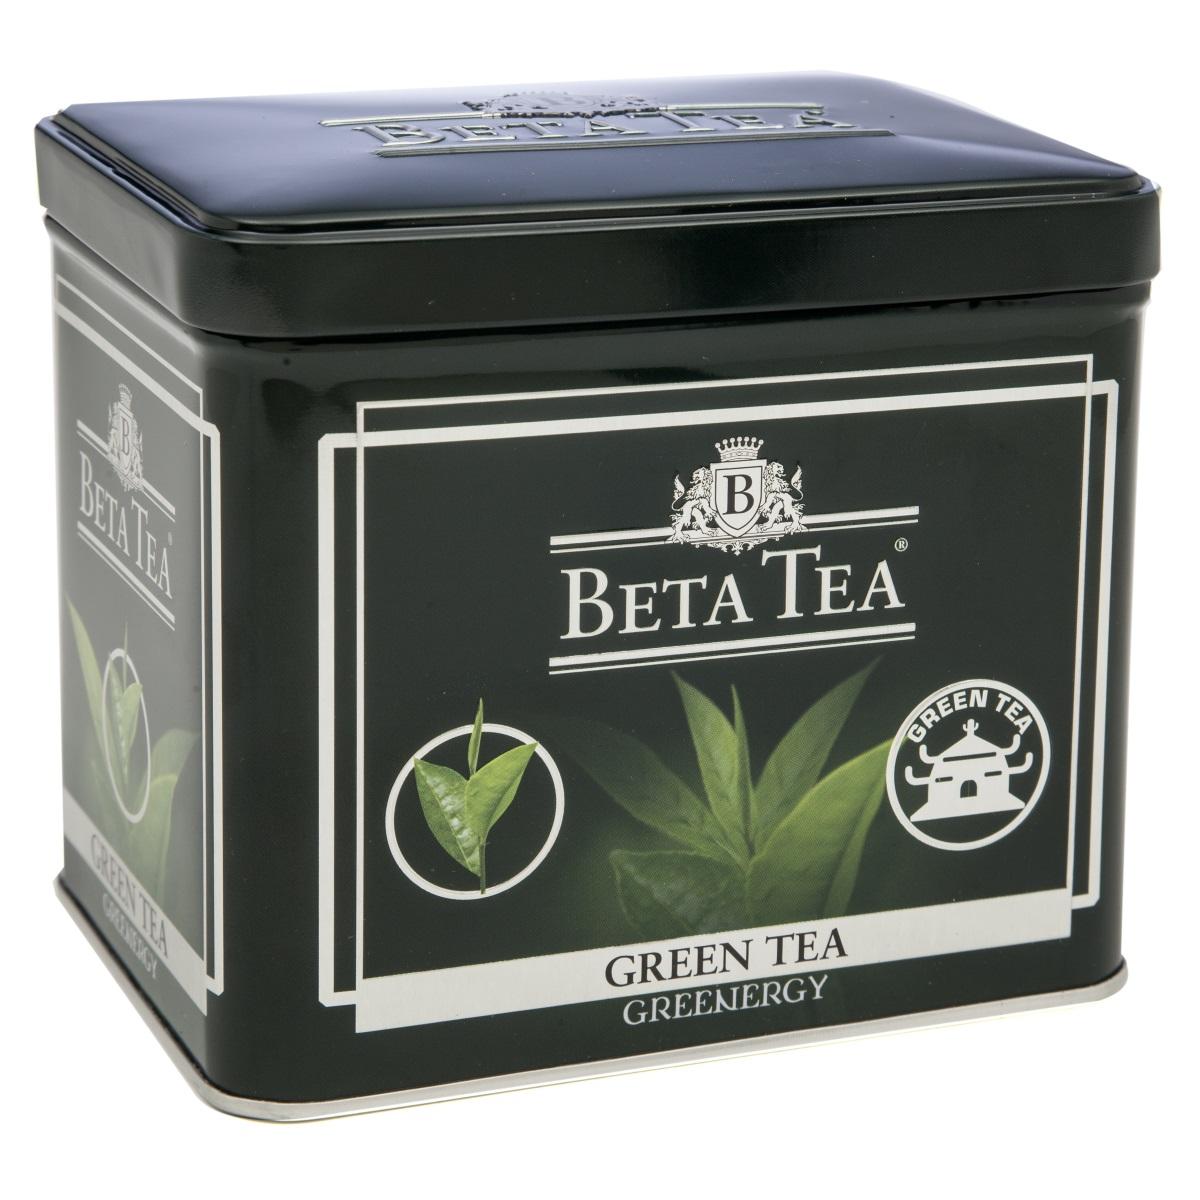 Beta Tea зеленый листовой чай, 250 г (жестяная банка) newby hi chung зеленый листовой чай 125 г